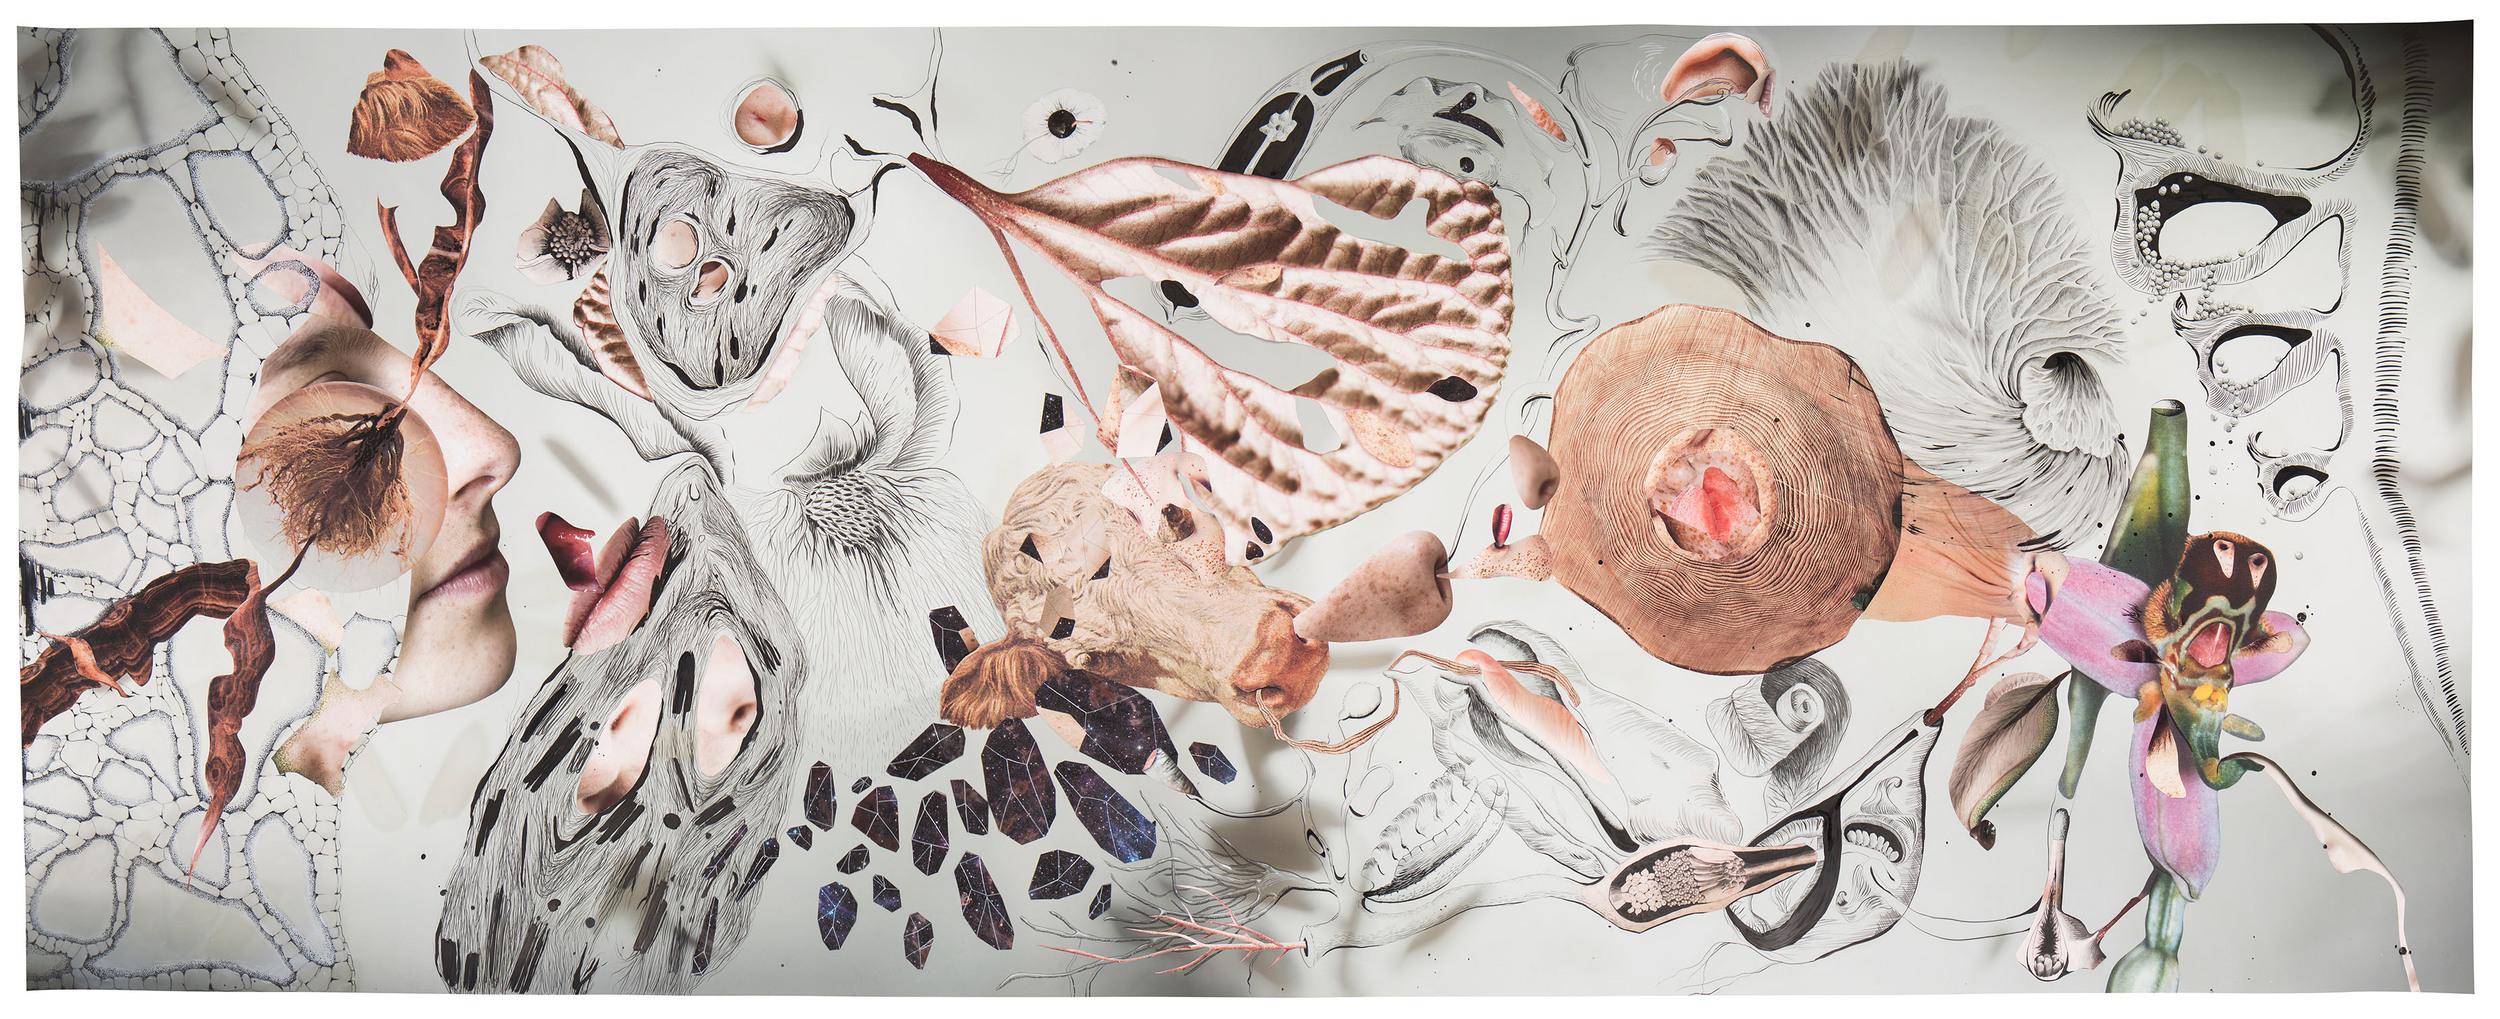 Pseudoxia Epidemica   Collage, grafito y tinta sobre impresión giclée 1.5 x 3.8 mt